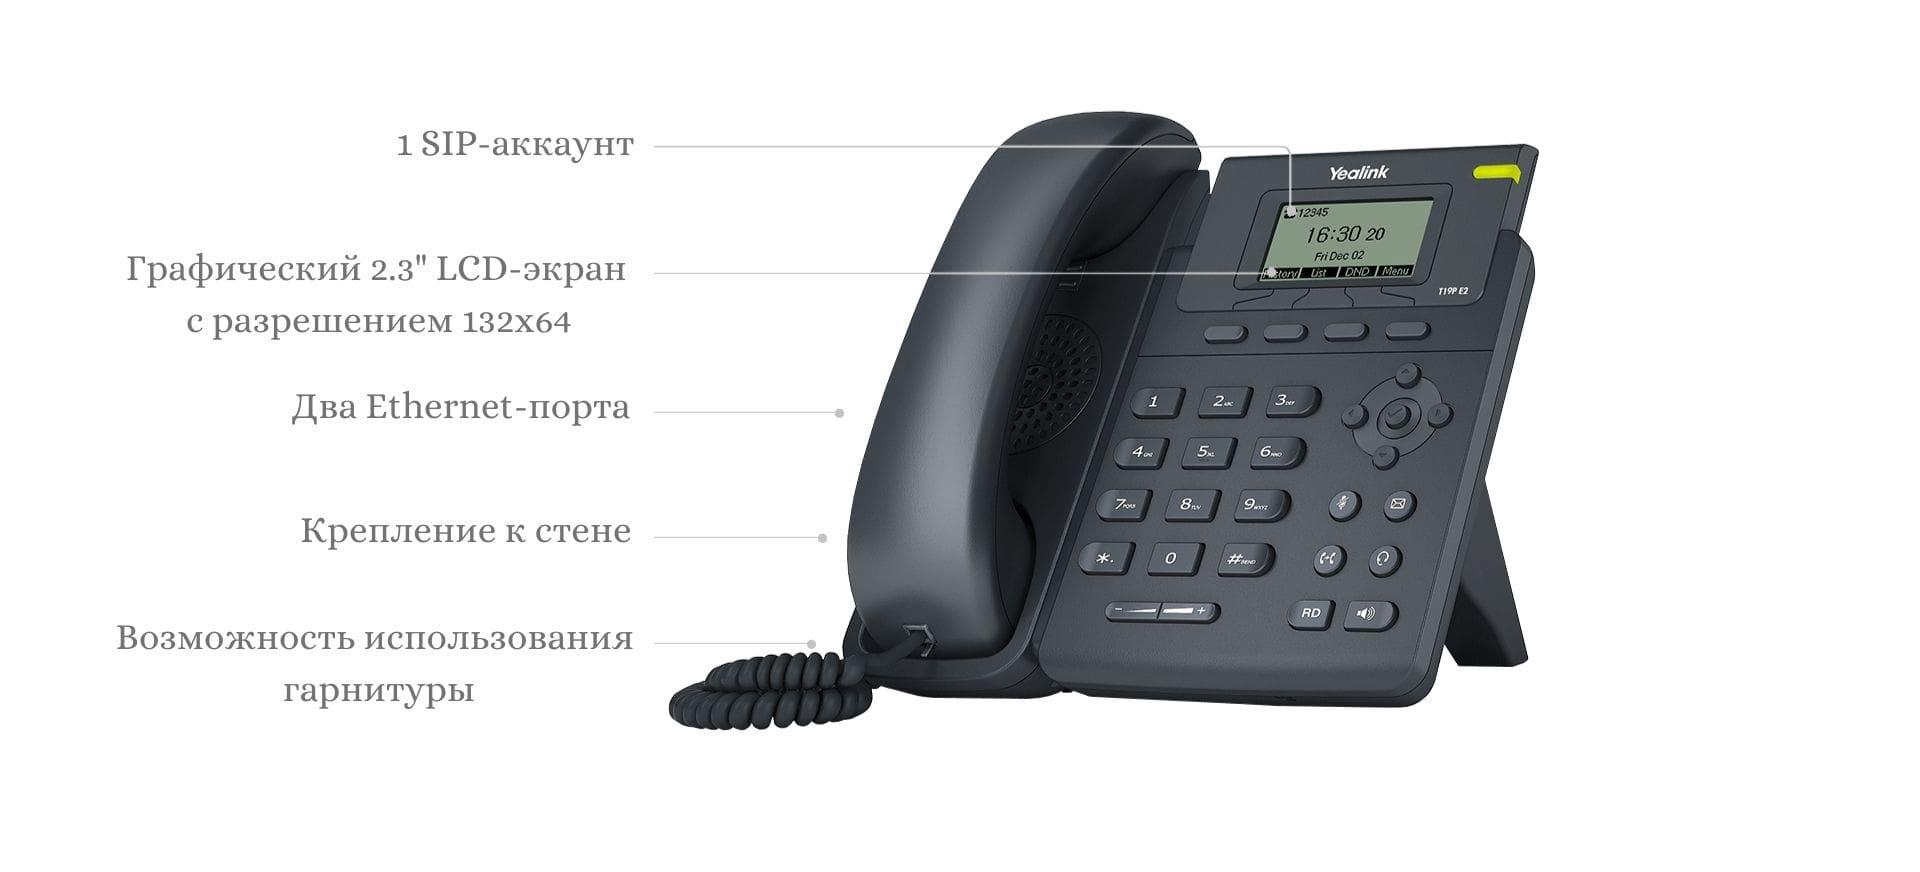 Yealink SIP-T19P E2 — бюджетная модель для малого и среднего бизнеса